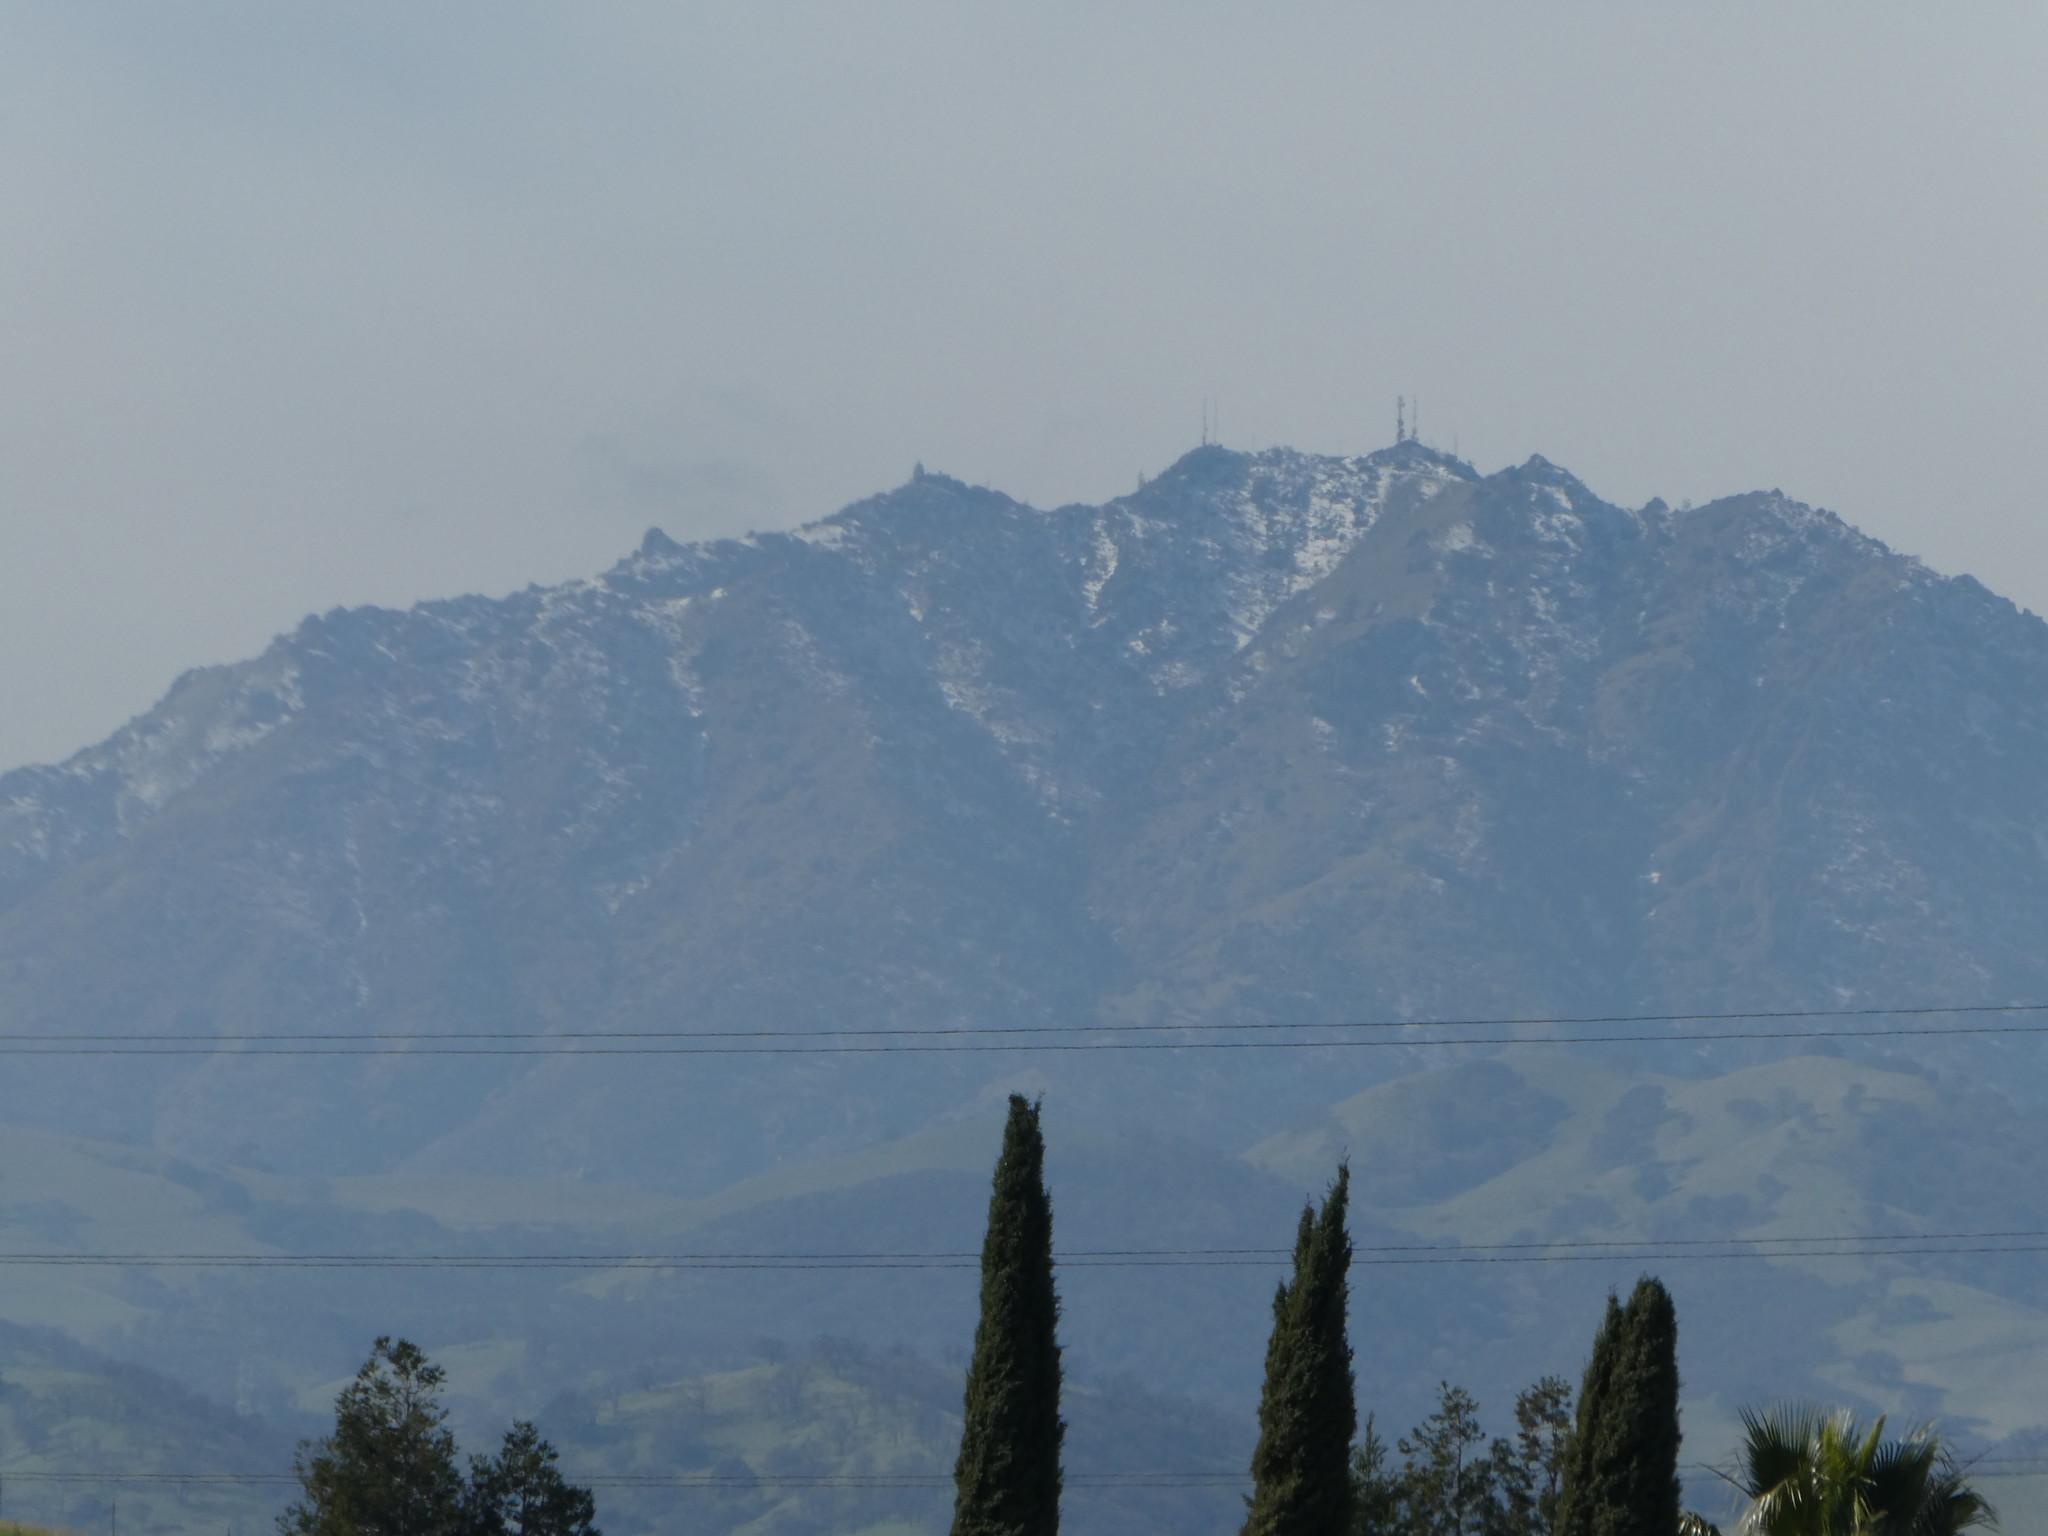 2019–02–07- Landscape Photography - Snow on Mount Diablo